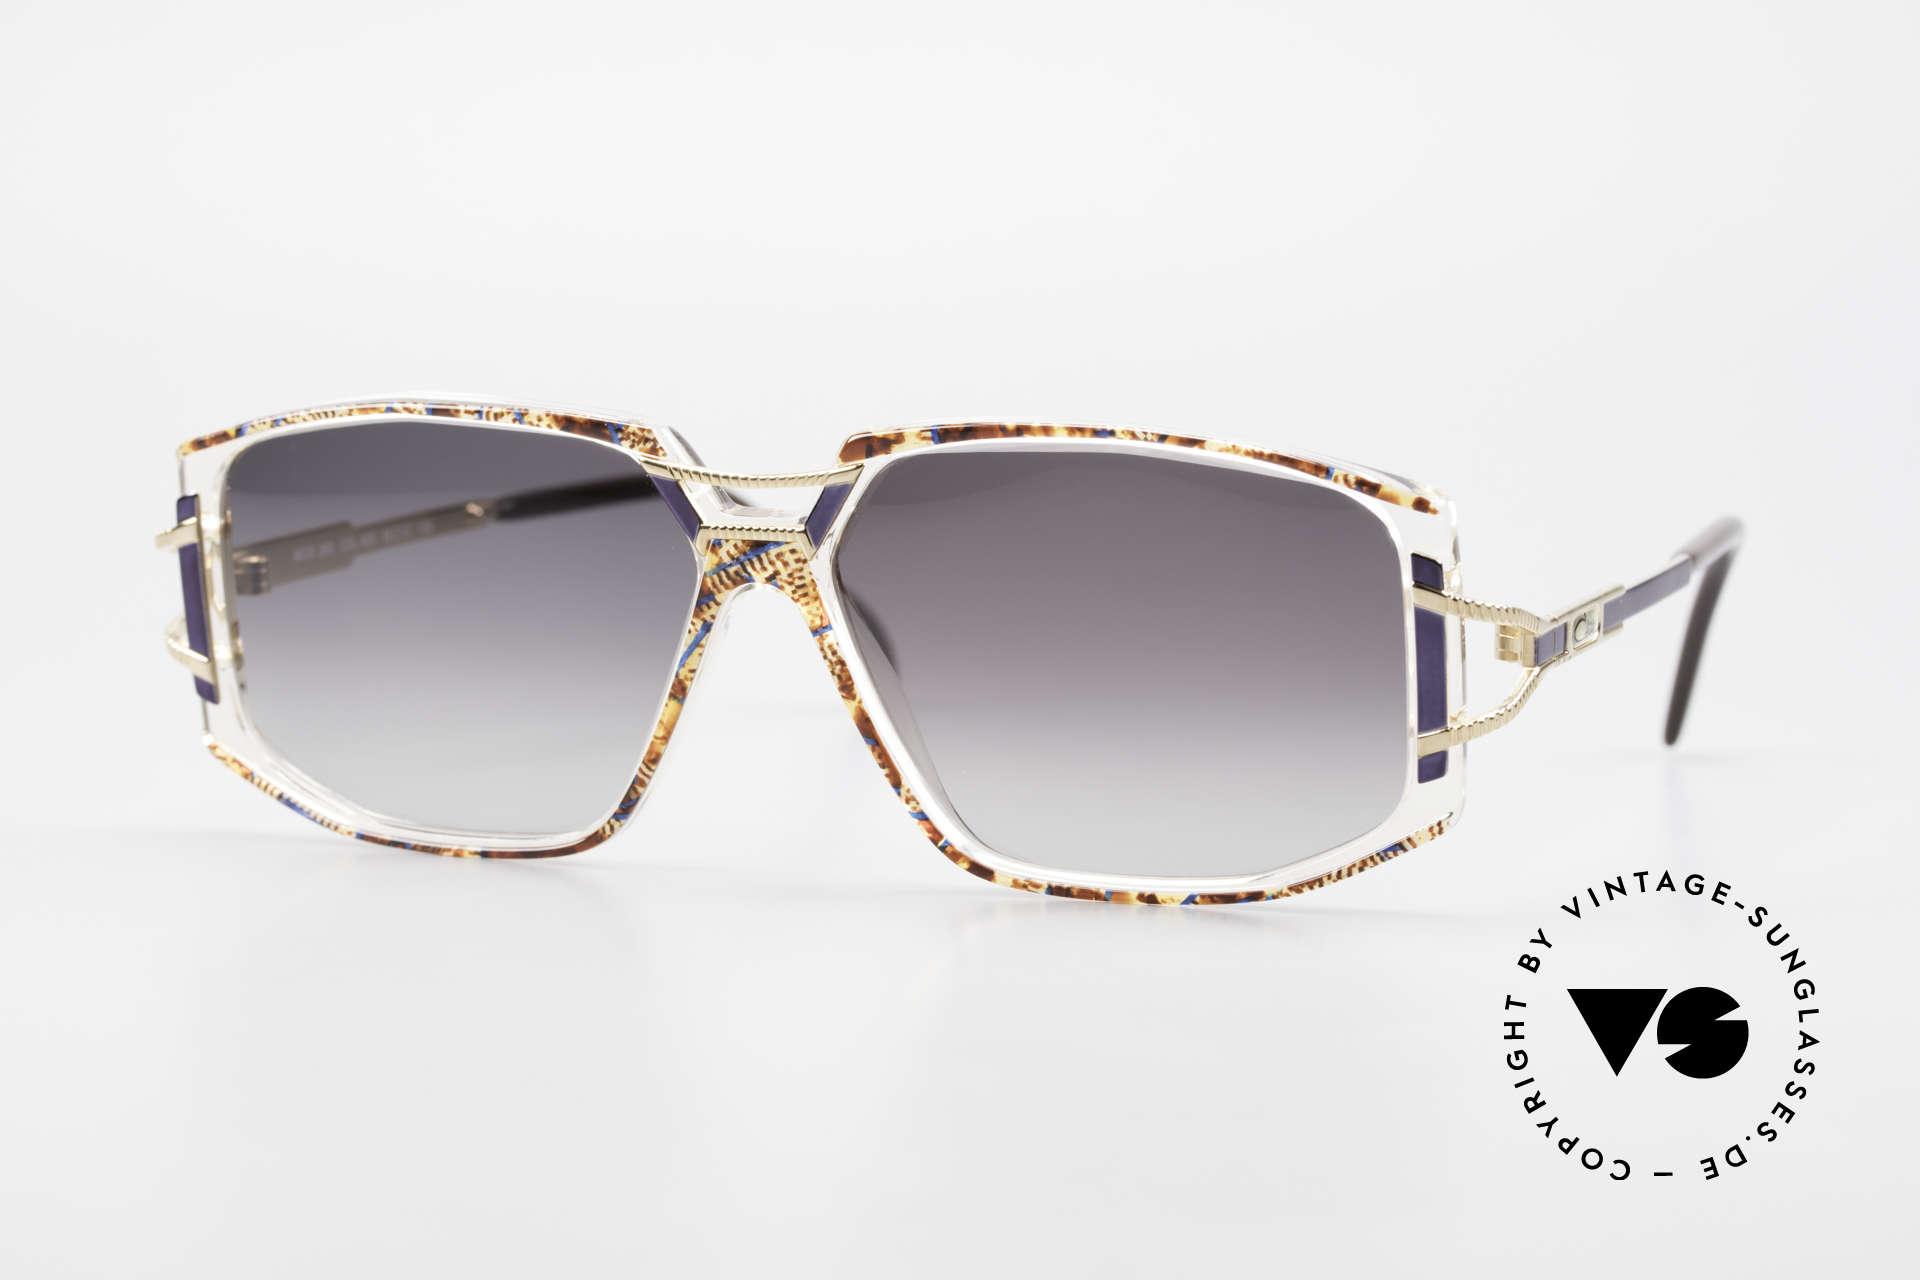 Cazal 362 Original 90er Sonnenbrille, schmuckvolles Cazal Design der frühen 90er Jahre, Passend für Damen